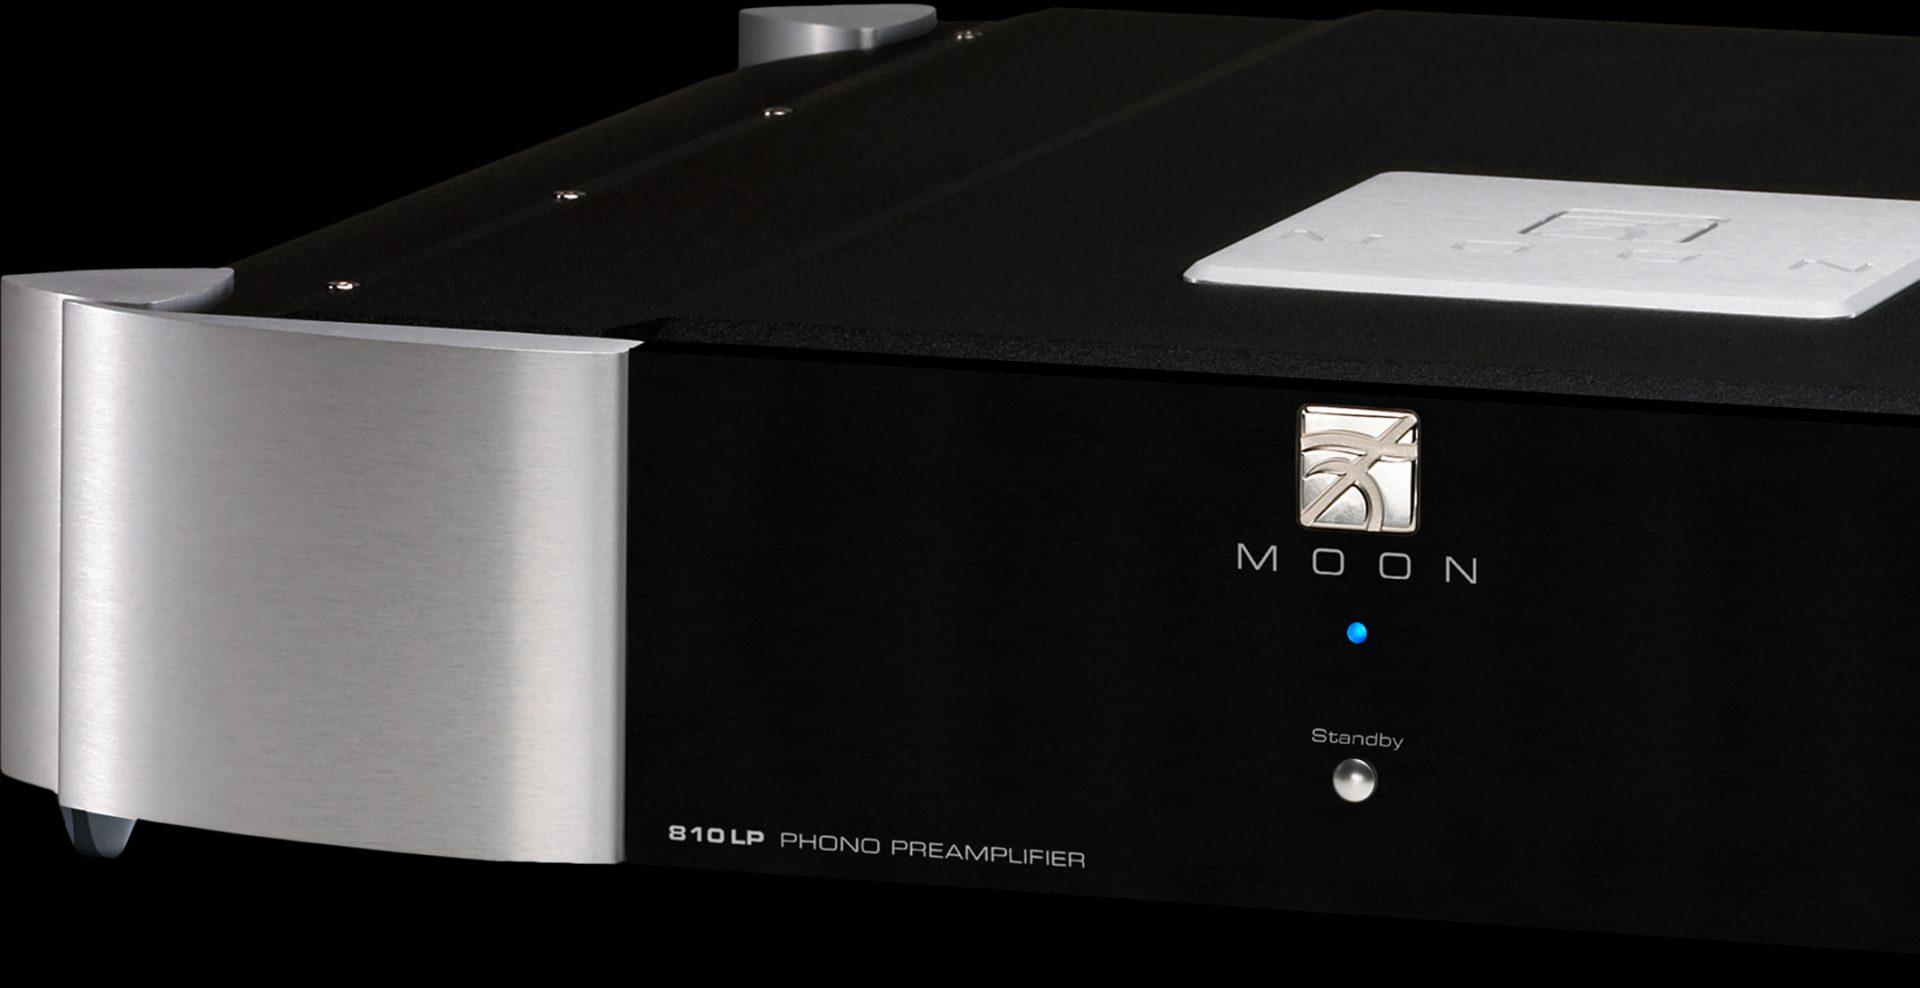 810LP Préamplificateur phono - Moon Simaudio